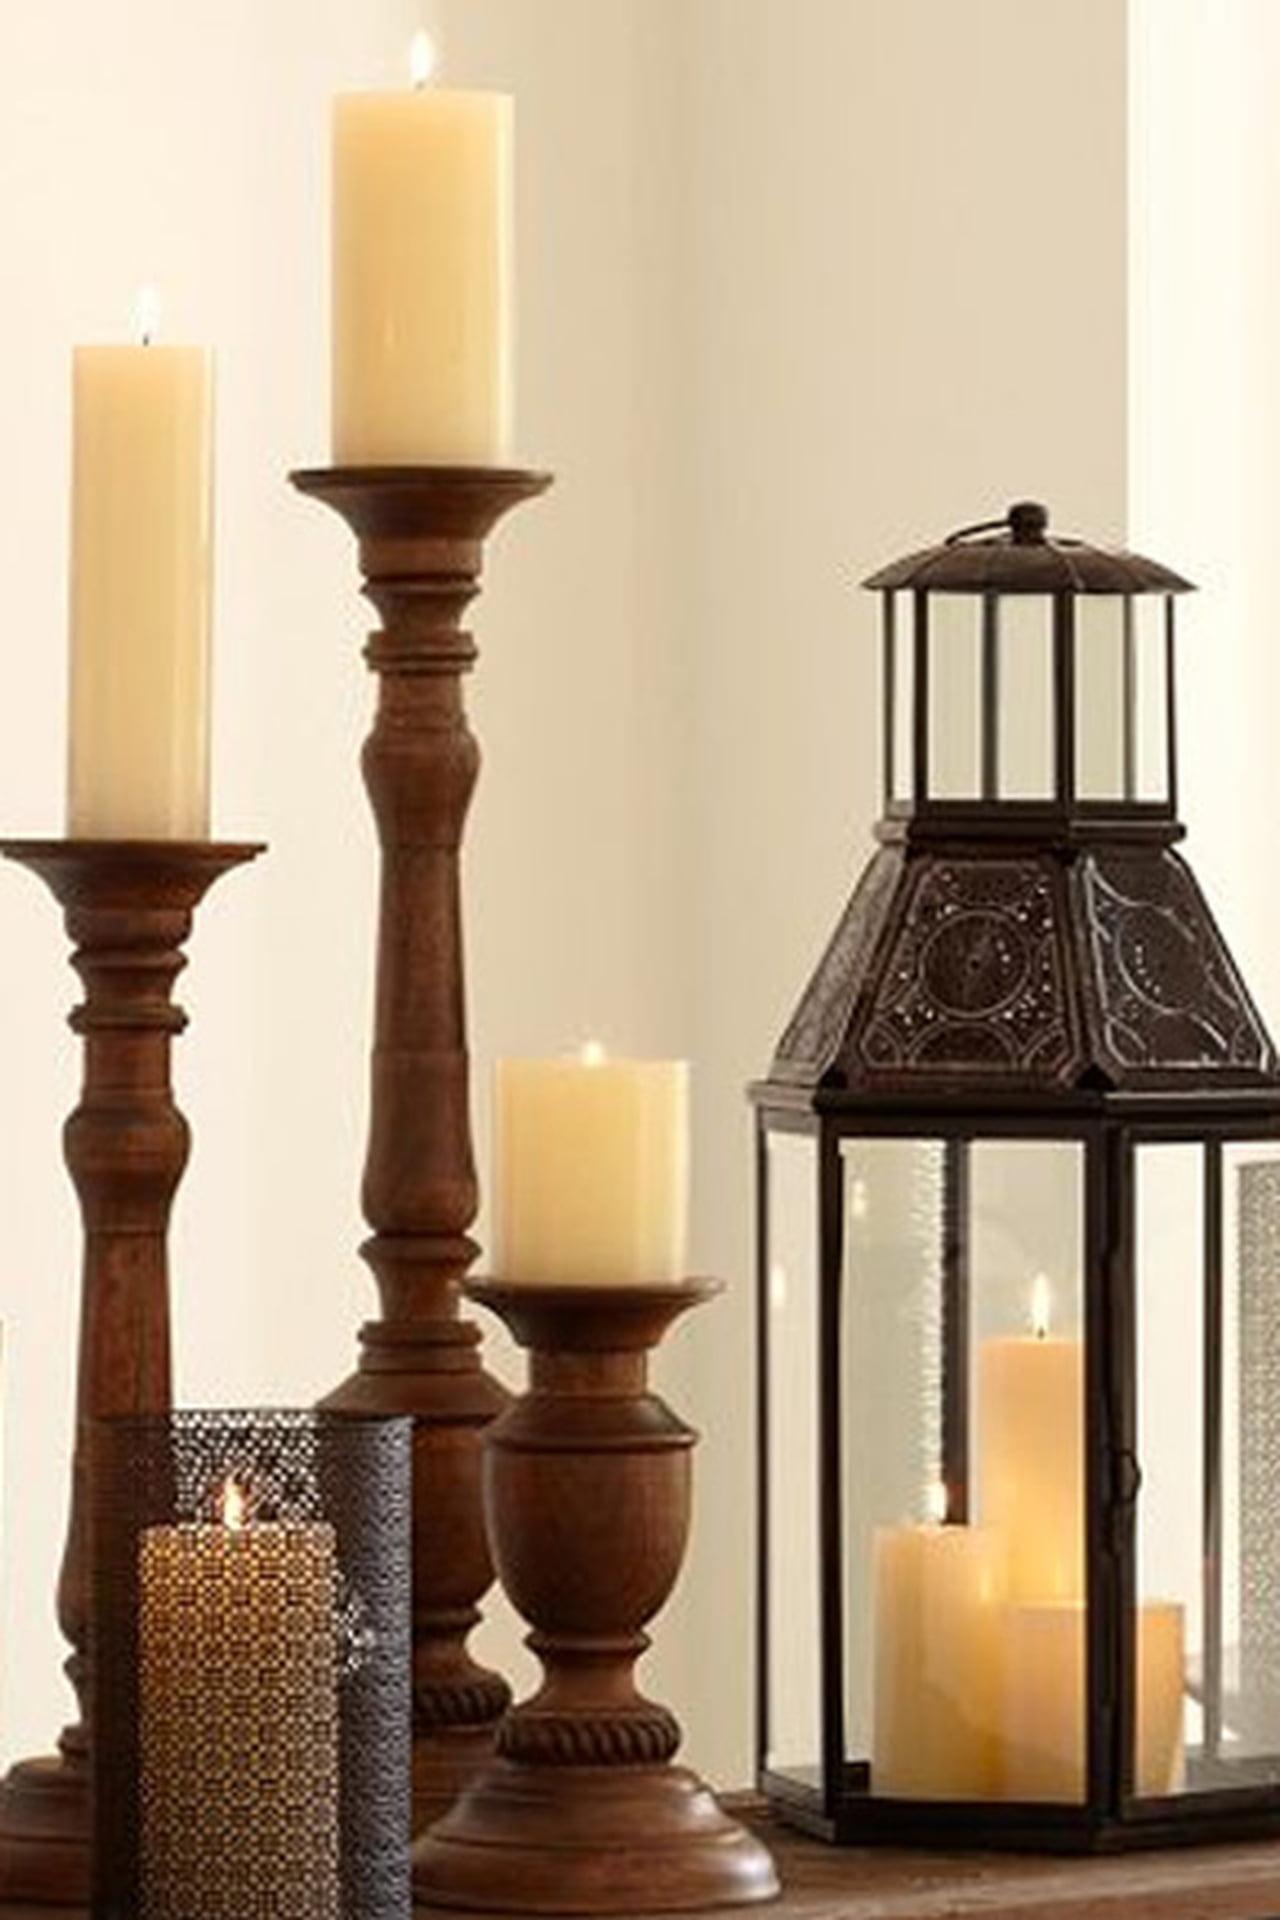 أجمل تصاميم حاملات الشموع الأنيقة والساحرة 788073